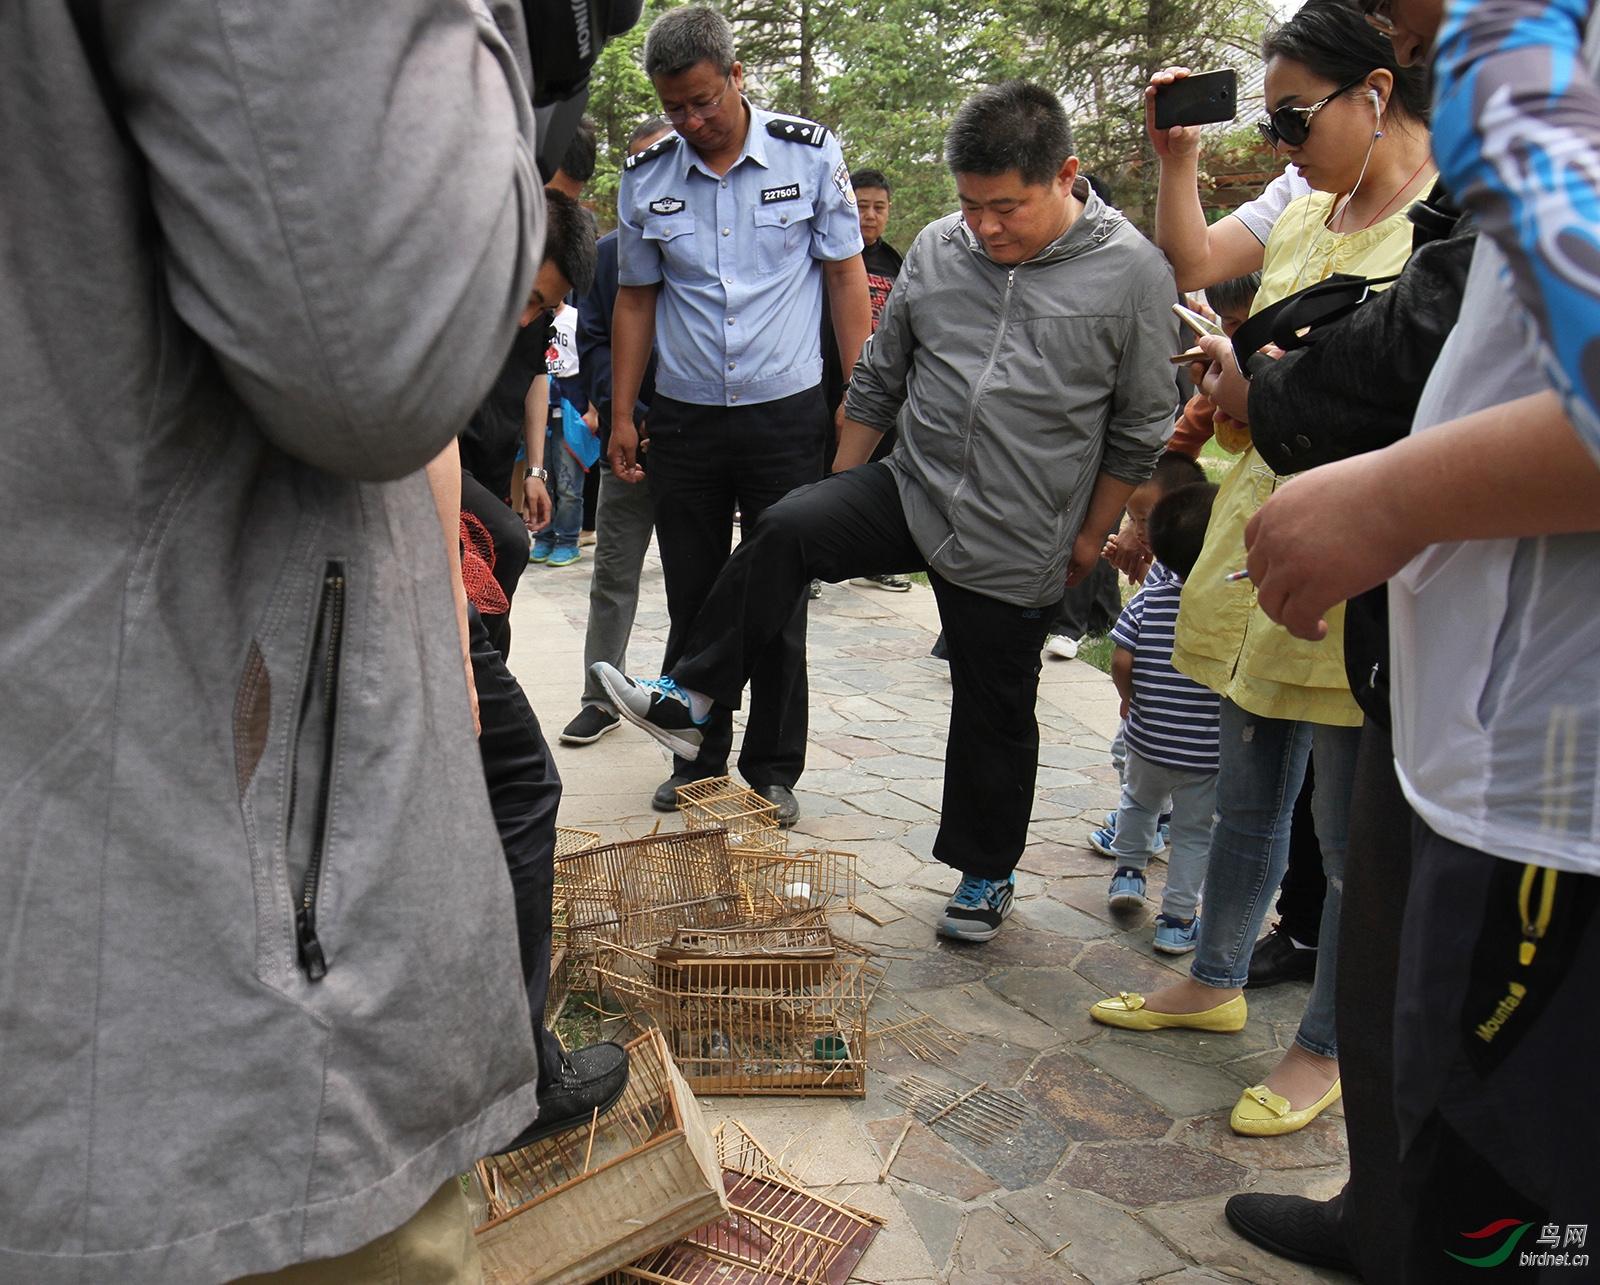 野保志愿者和林业公安到鸟市打击收缴贩卖野生动物.jpg